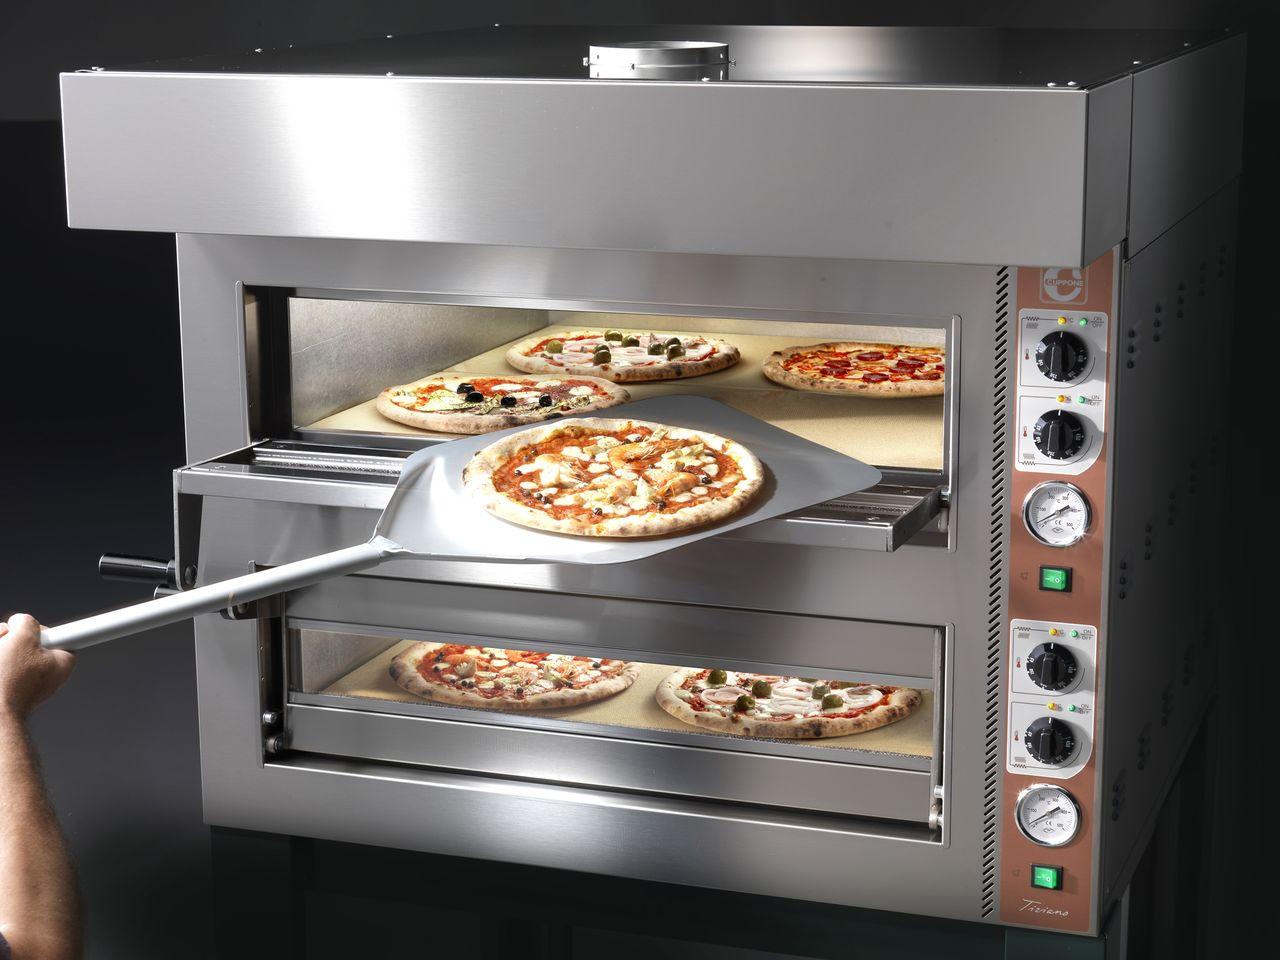 elektrucheskaya pech dlya pizzu